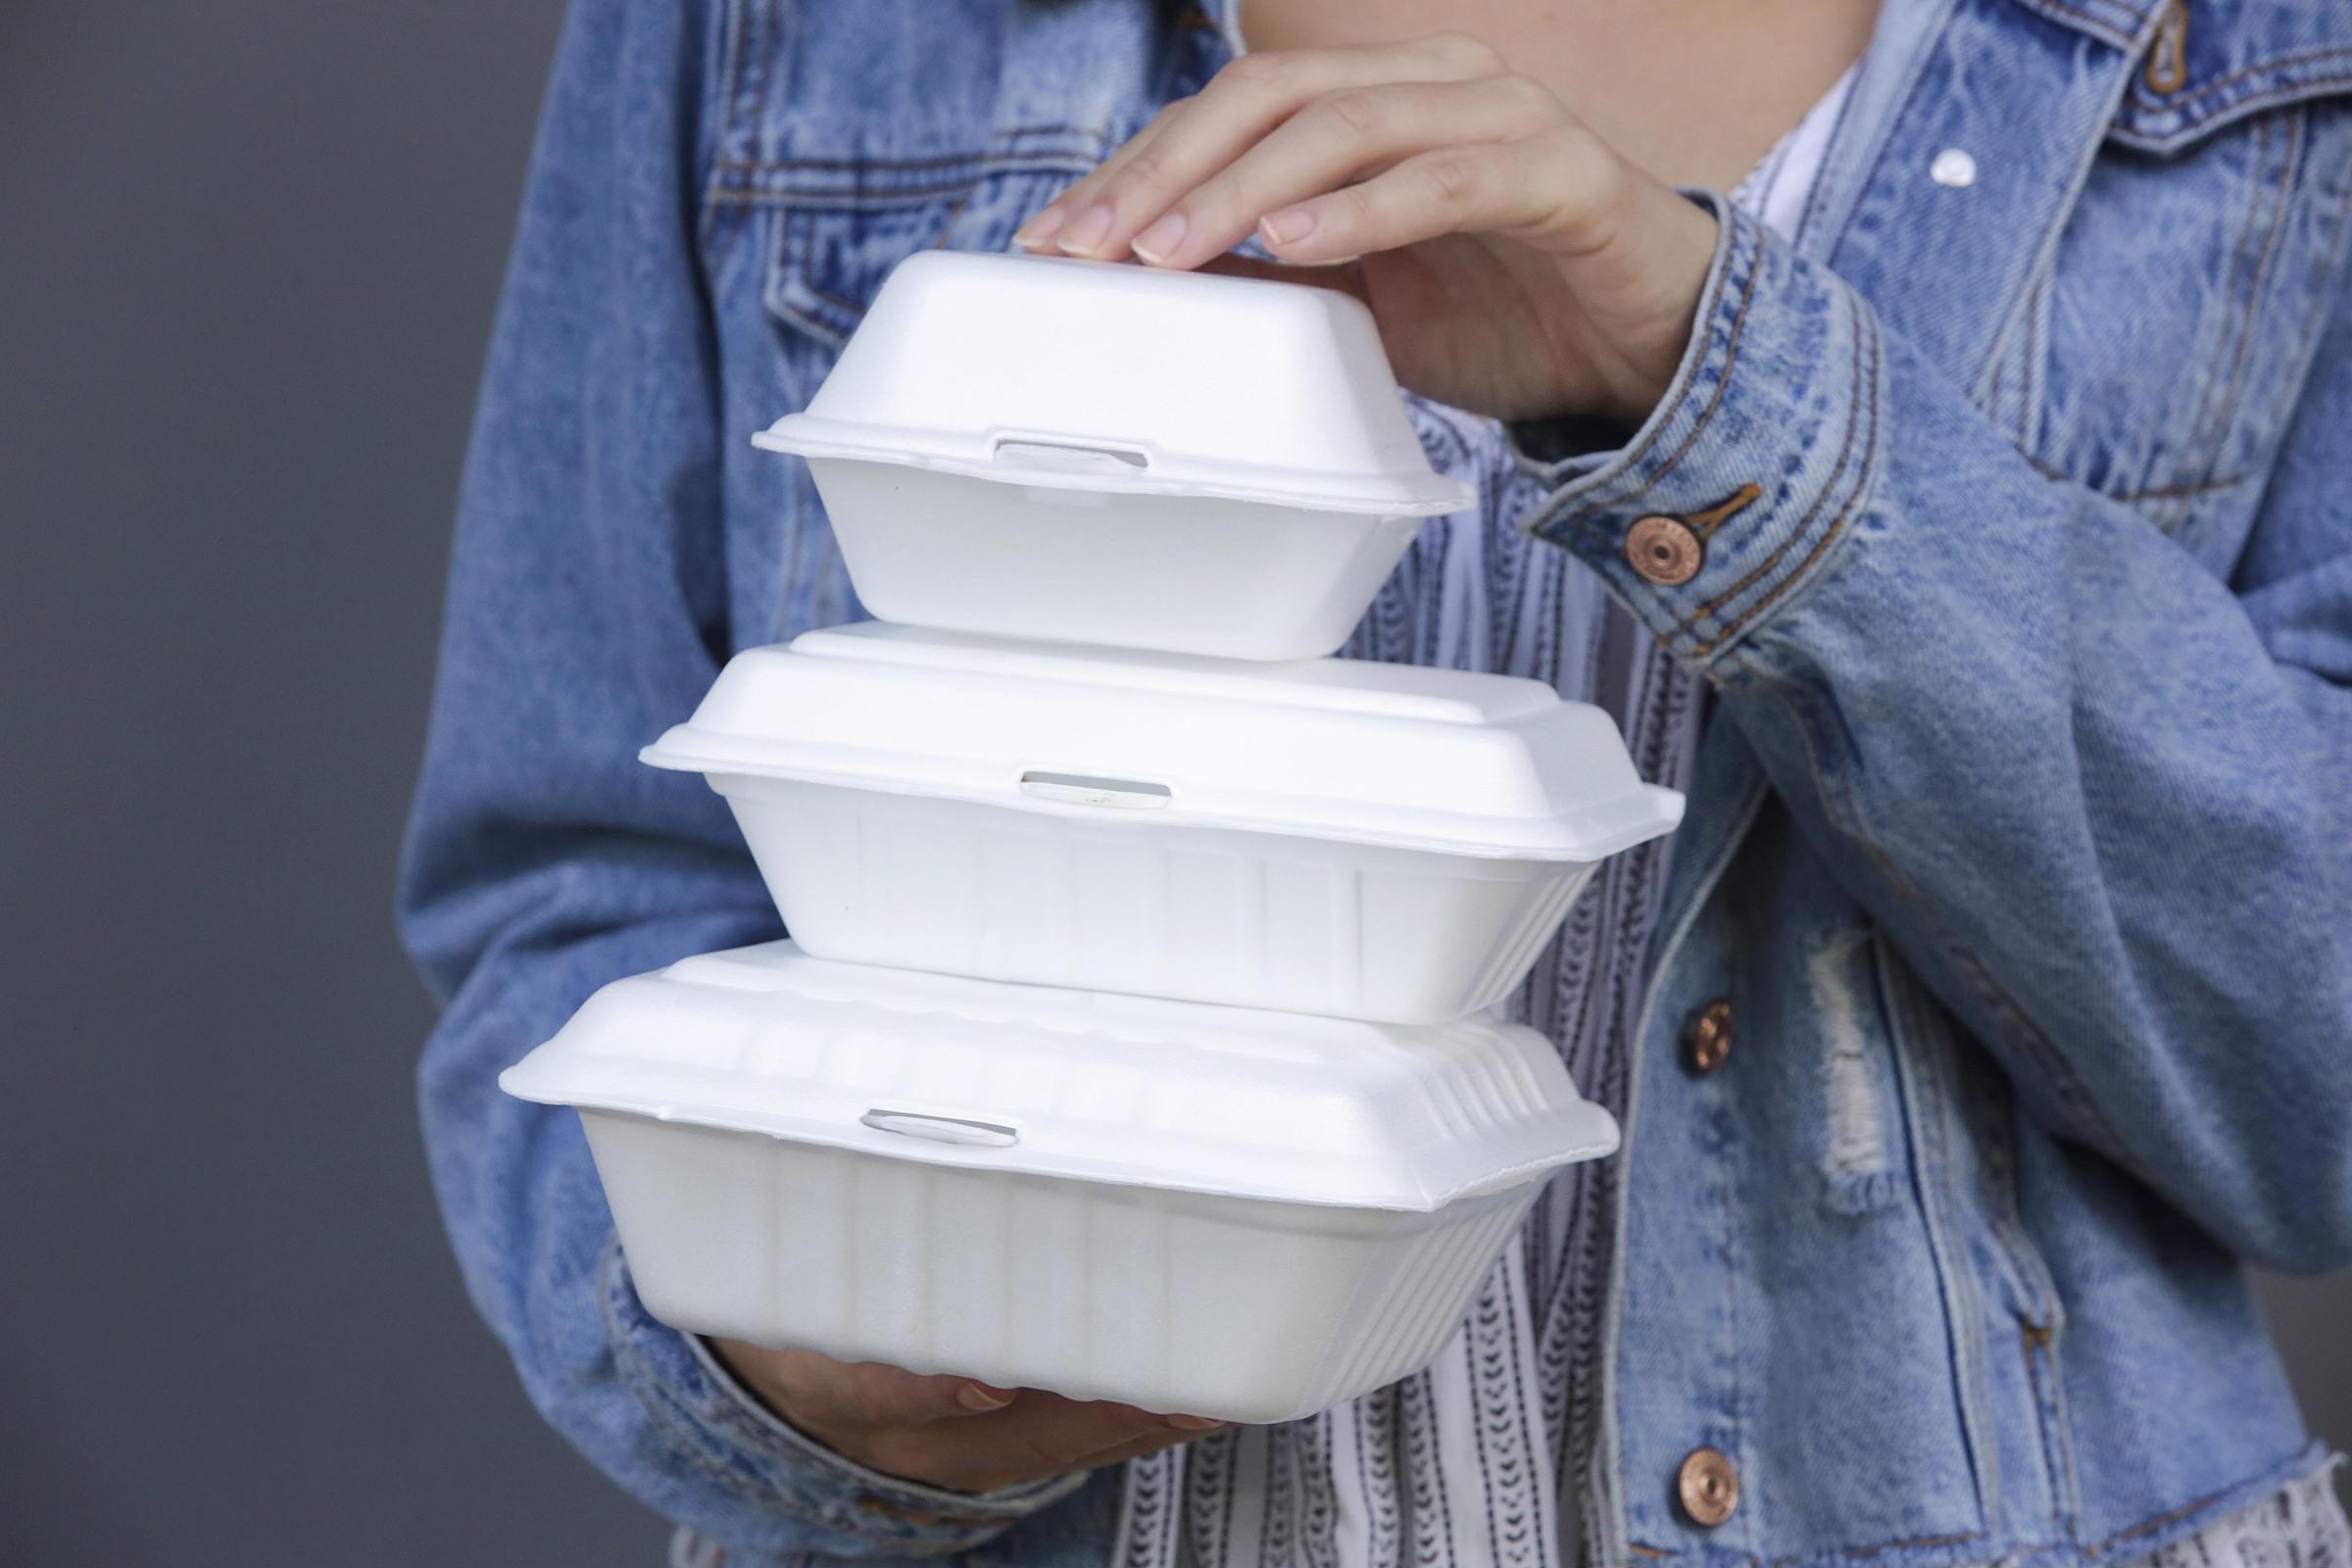 A woman holds takeaway foam boxes. Photo by Shutterstock/triocean